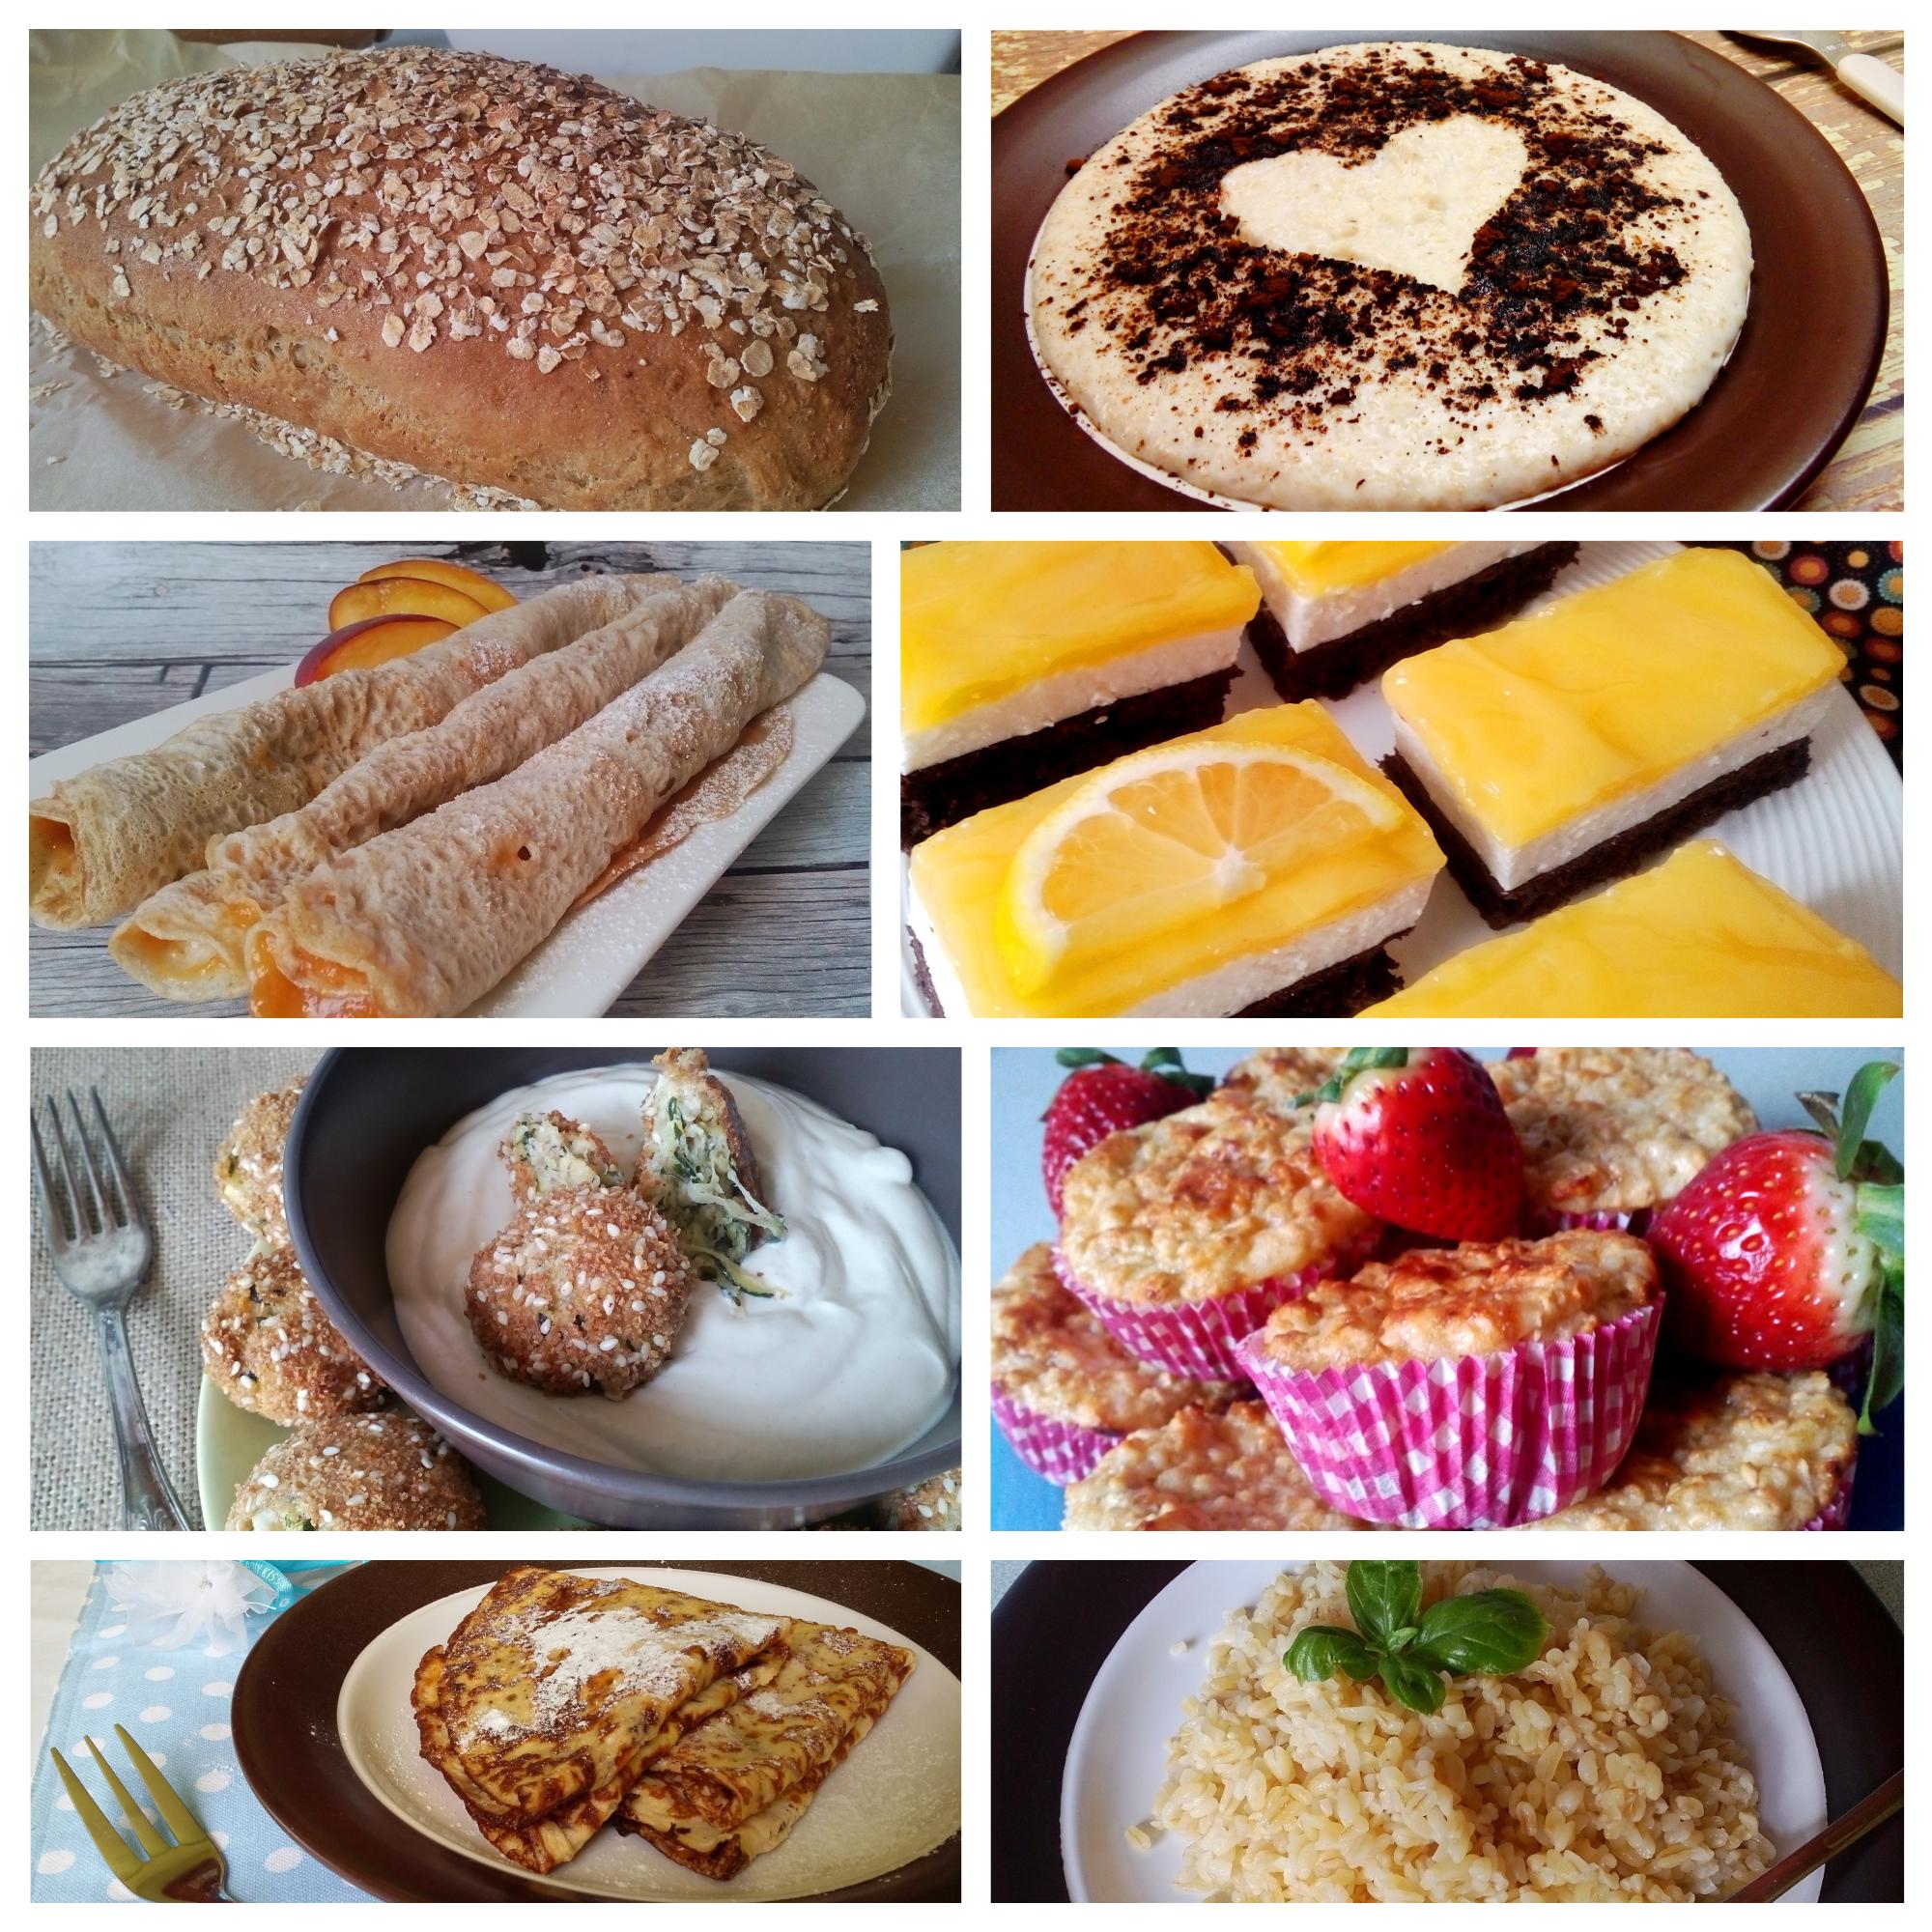 diétás receptek blog